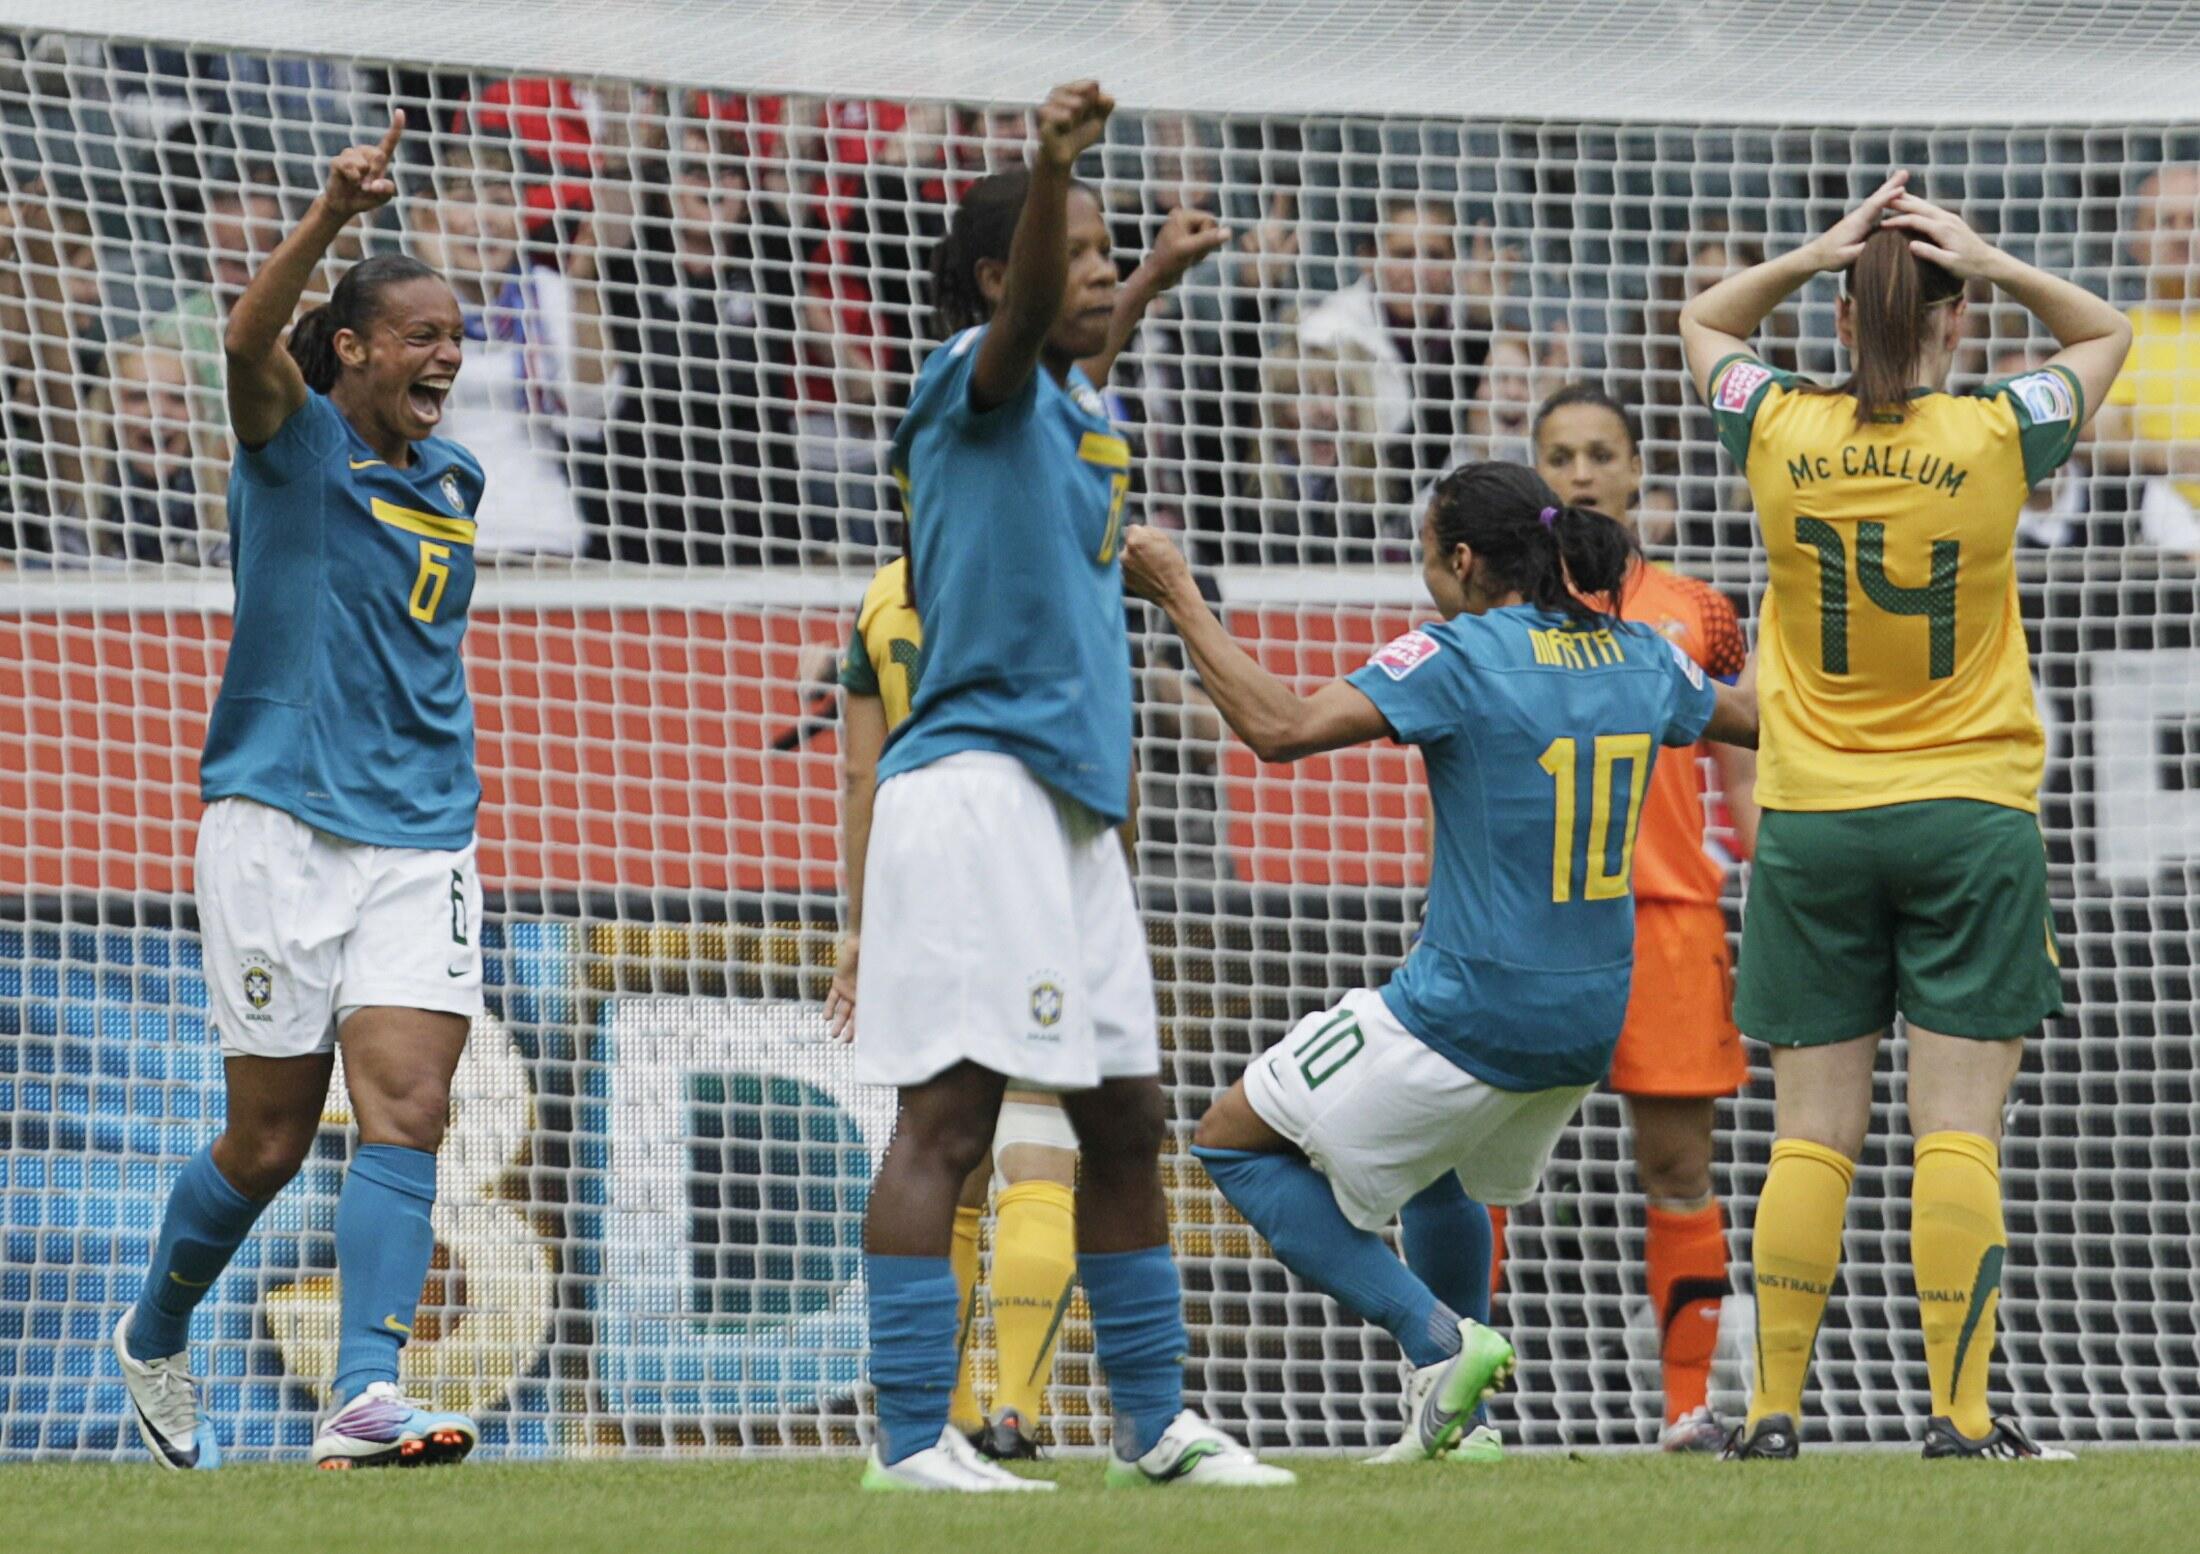 Seleção brasileira festeja vitória na estreia da Copa do Mundo de futebol feminino, na Alemanha.